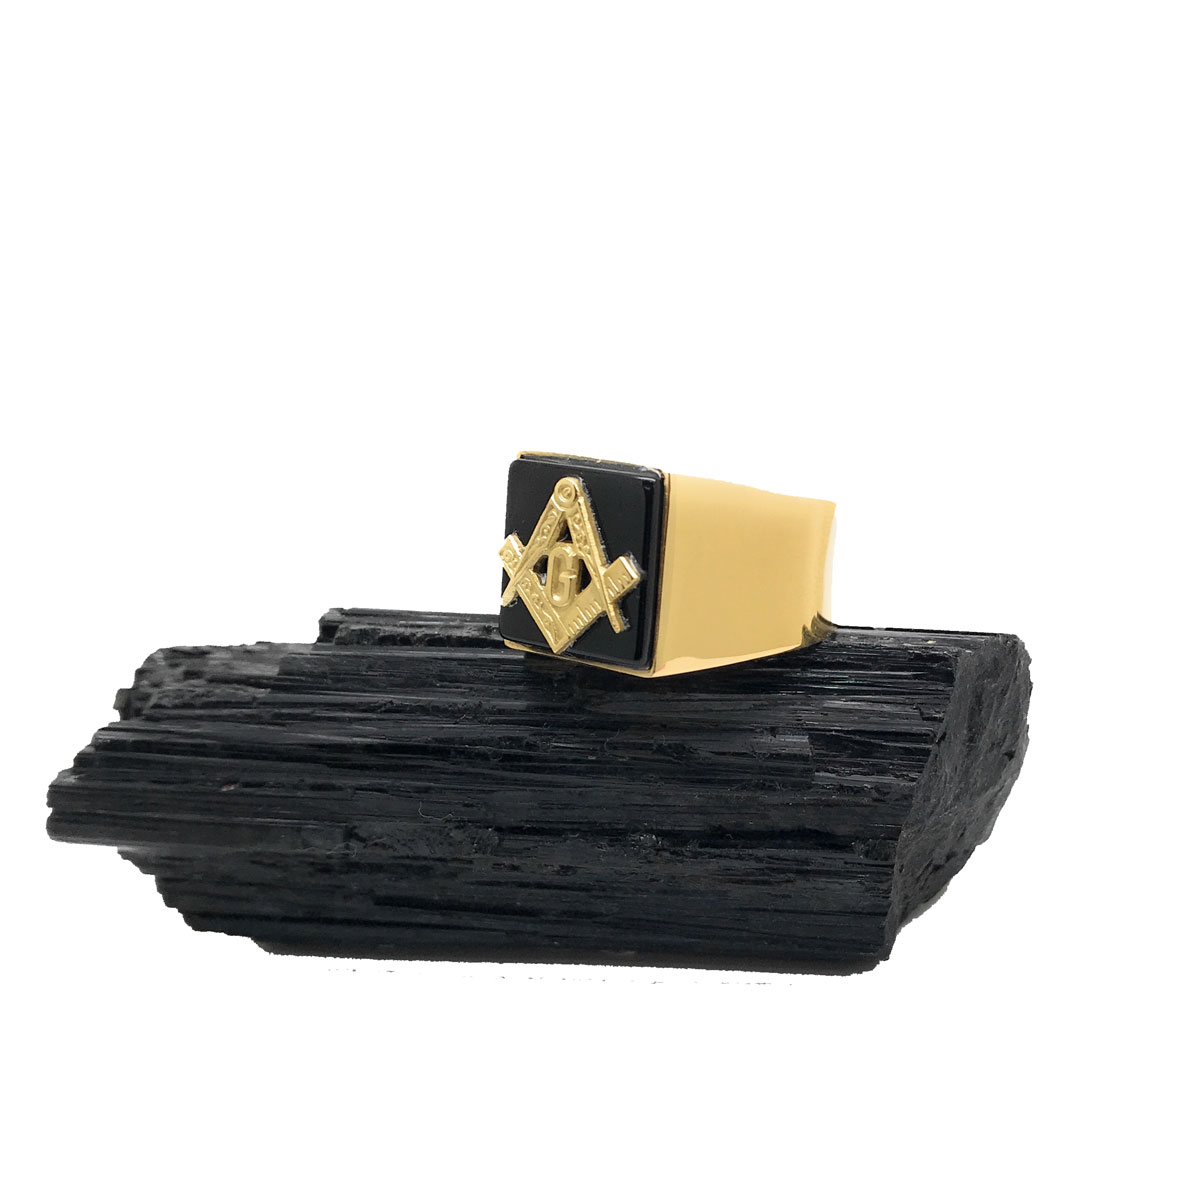 Anel Maçonaria Masculino Ônix Black Genuíno Ouro 18k 21602